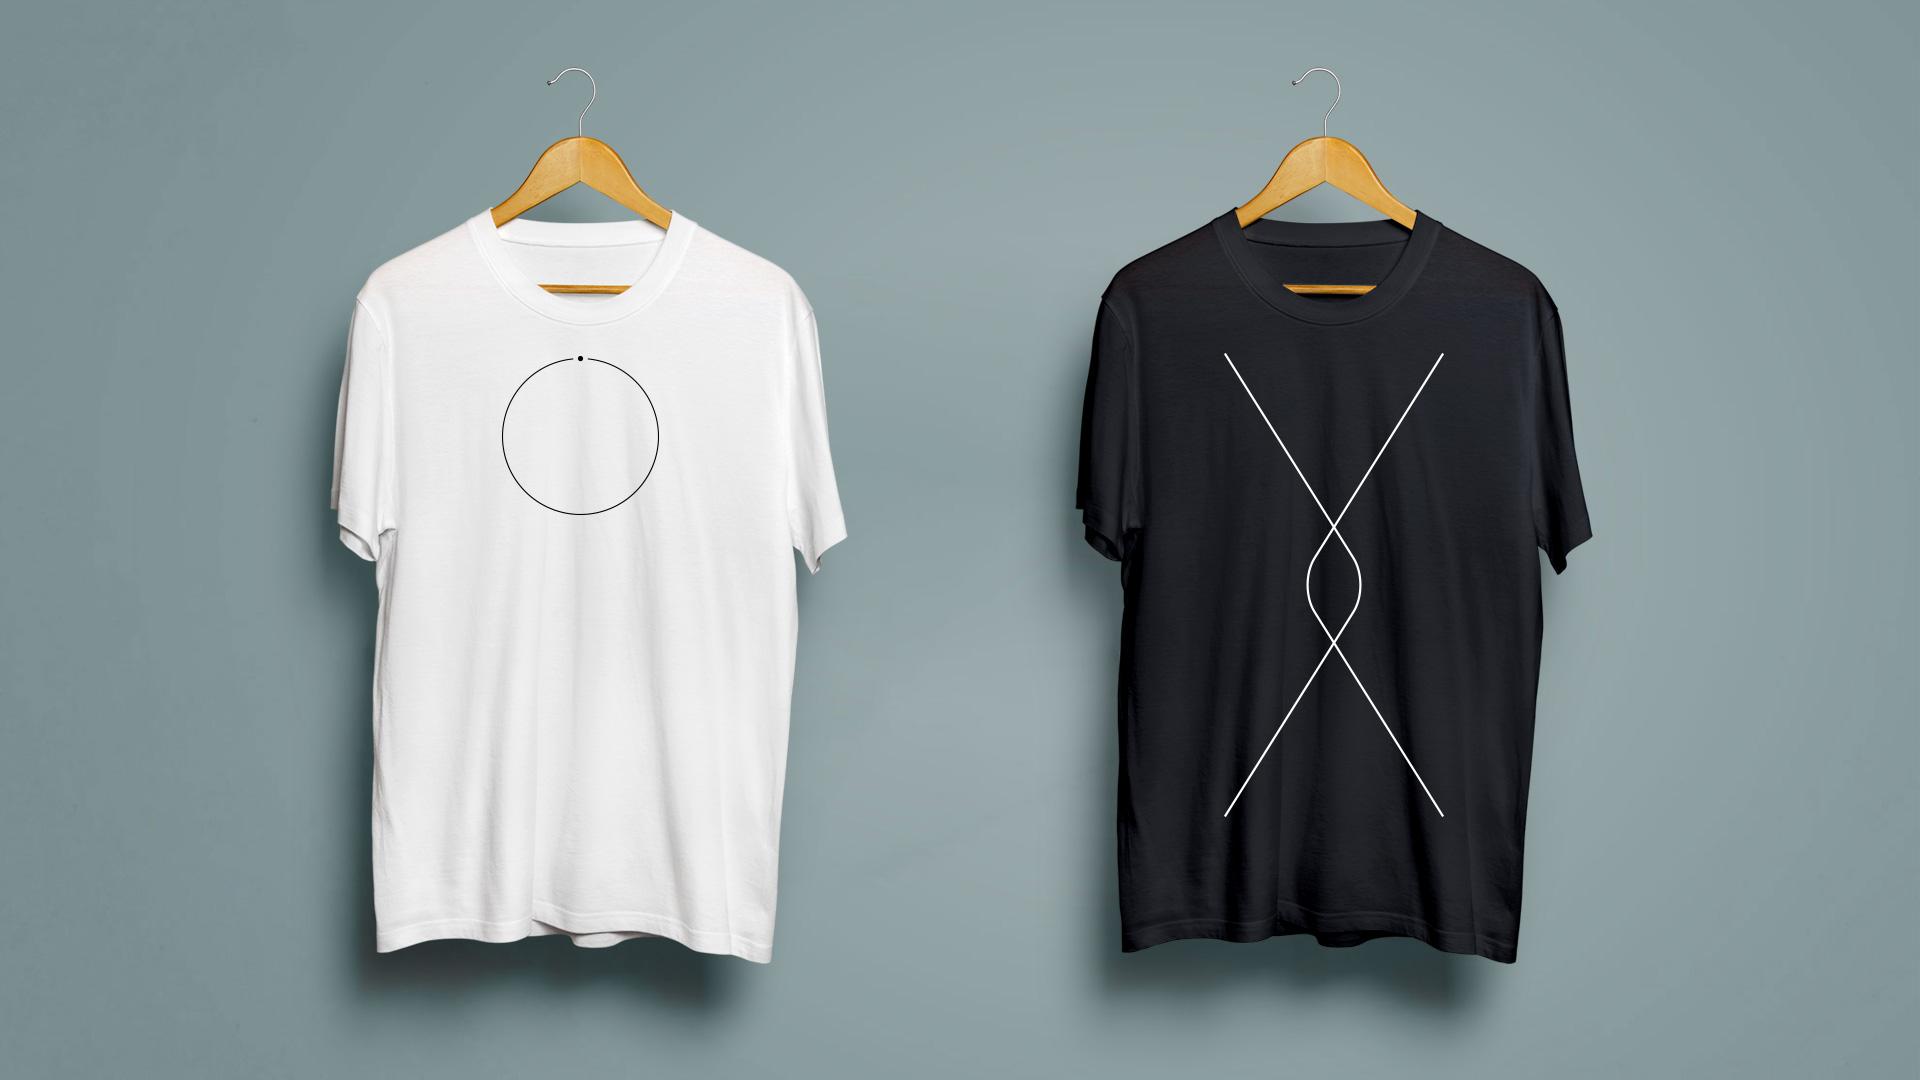 t_shirt_mockup_front-03